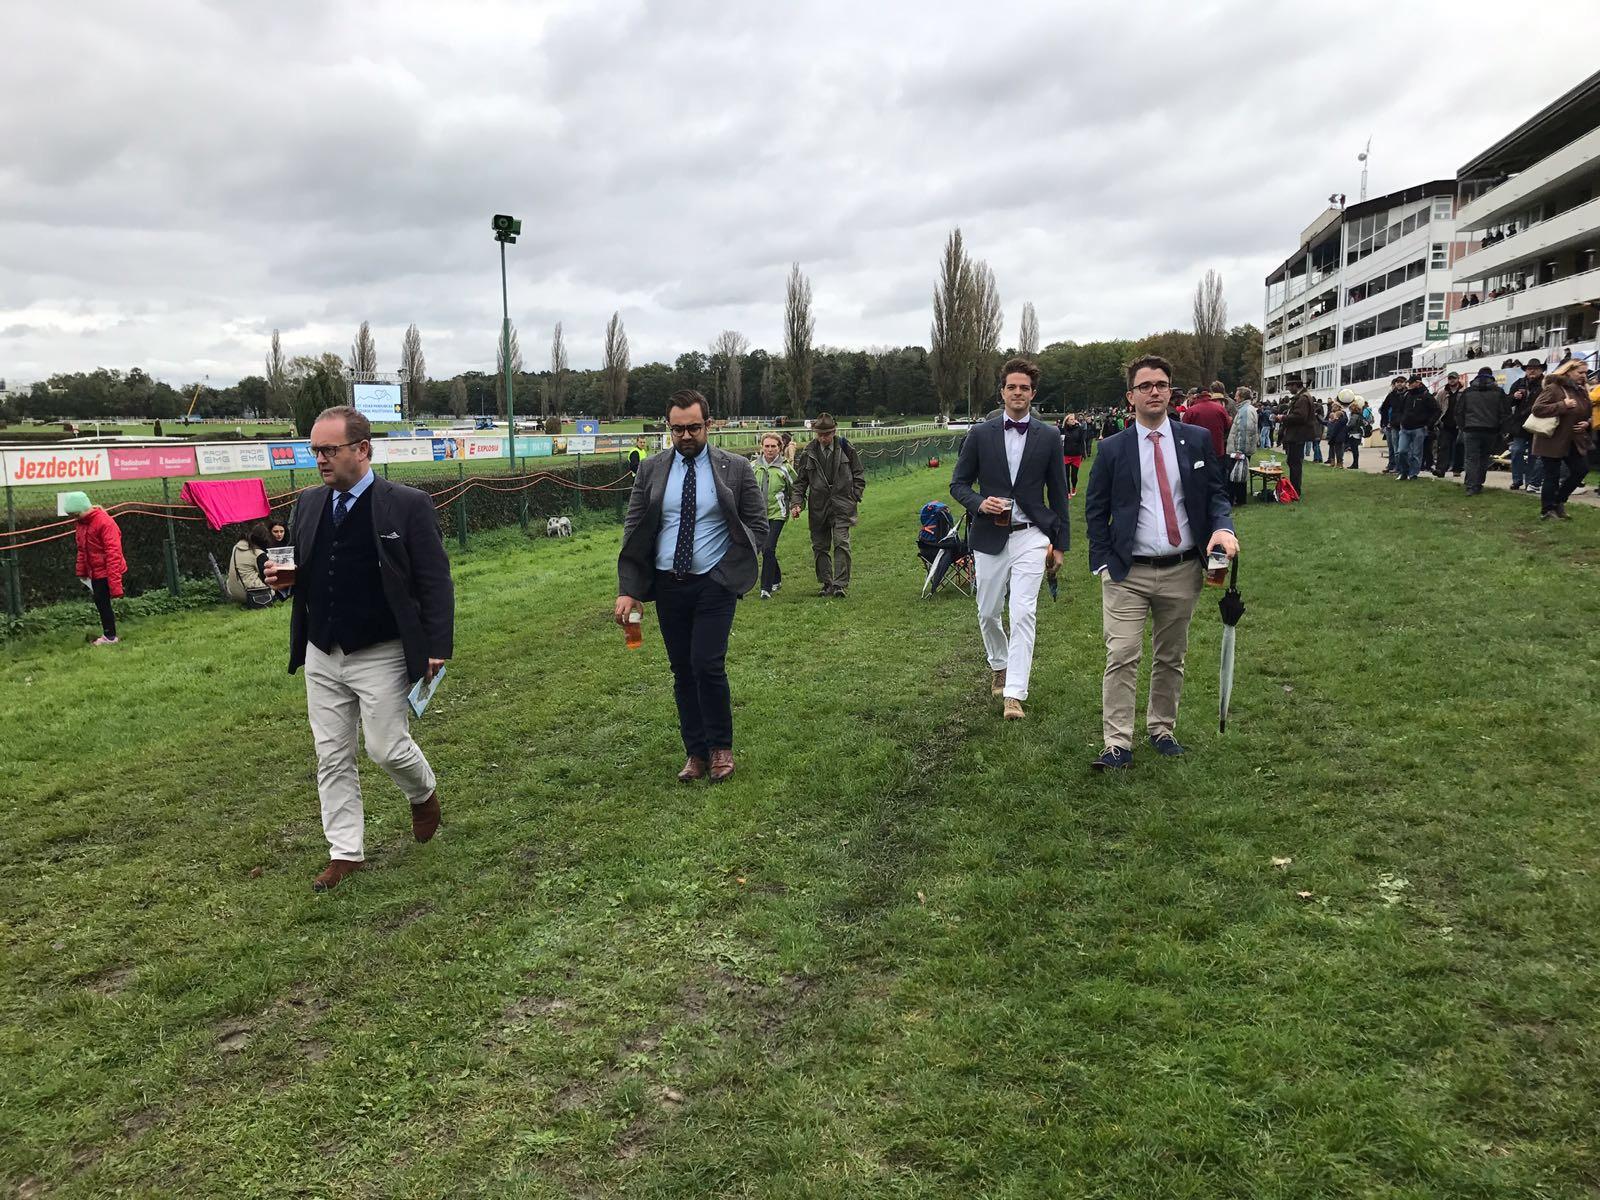 Racing Breaks guests leaving the racecourse very satisfied